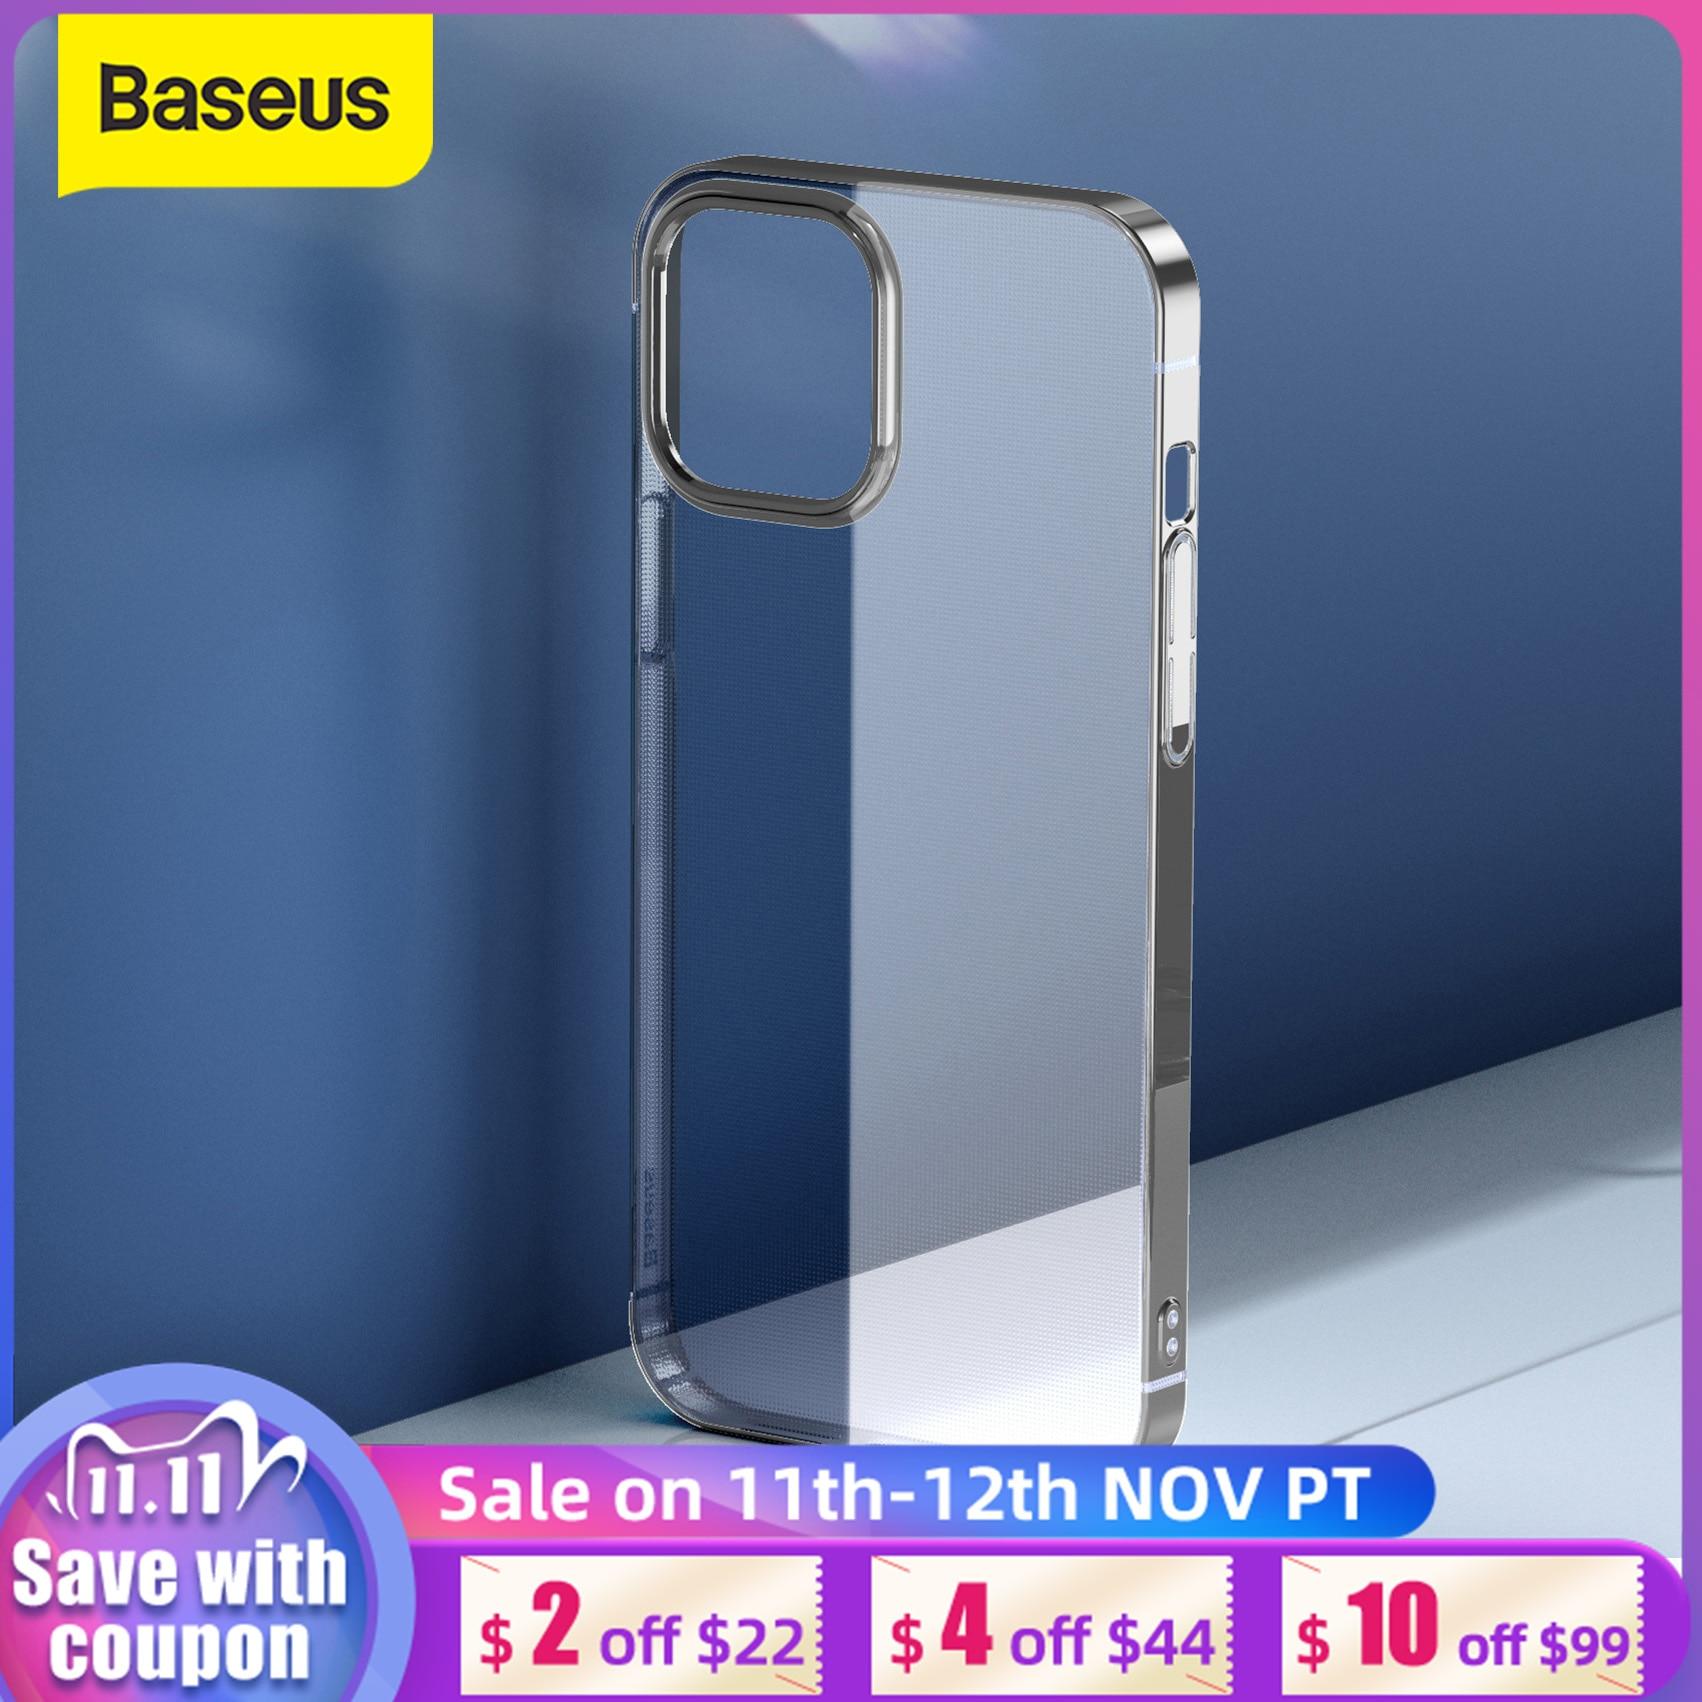 Baseus Telefoon Case Voor Iphone 12 Mini Transparante Telefoon Case Voor Iphone 12 Pro Max Ultra Dunne Back Phone Cover lens Bescherming